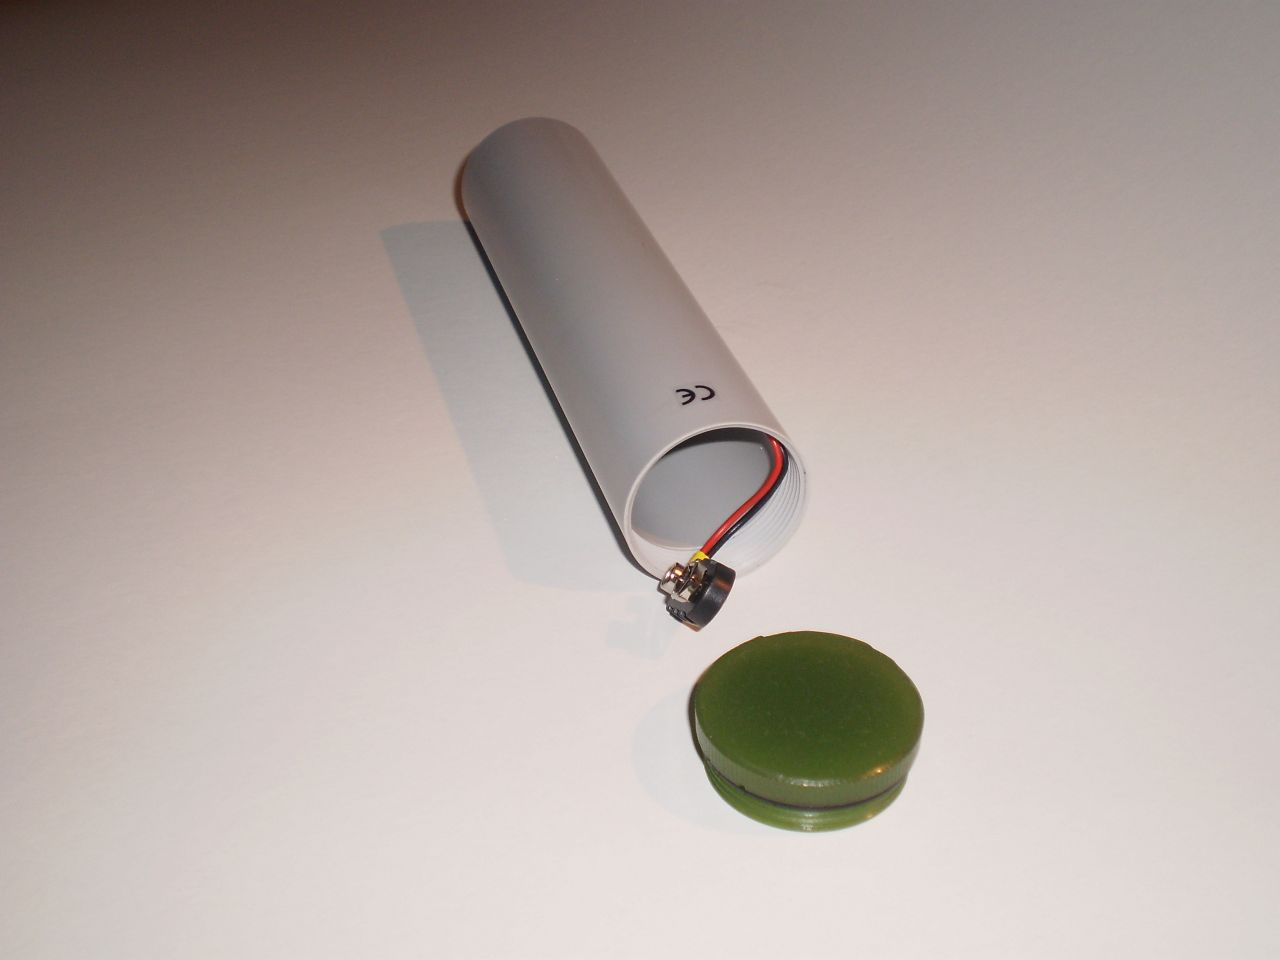 Elektromos seregélyriasztó készülék